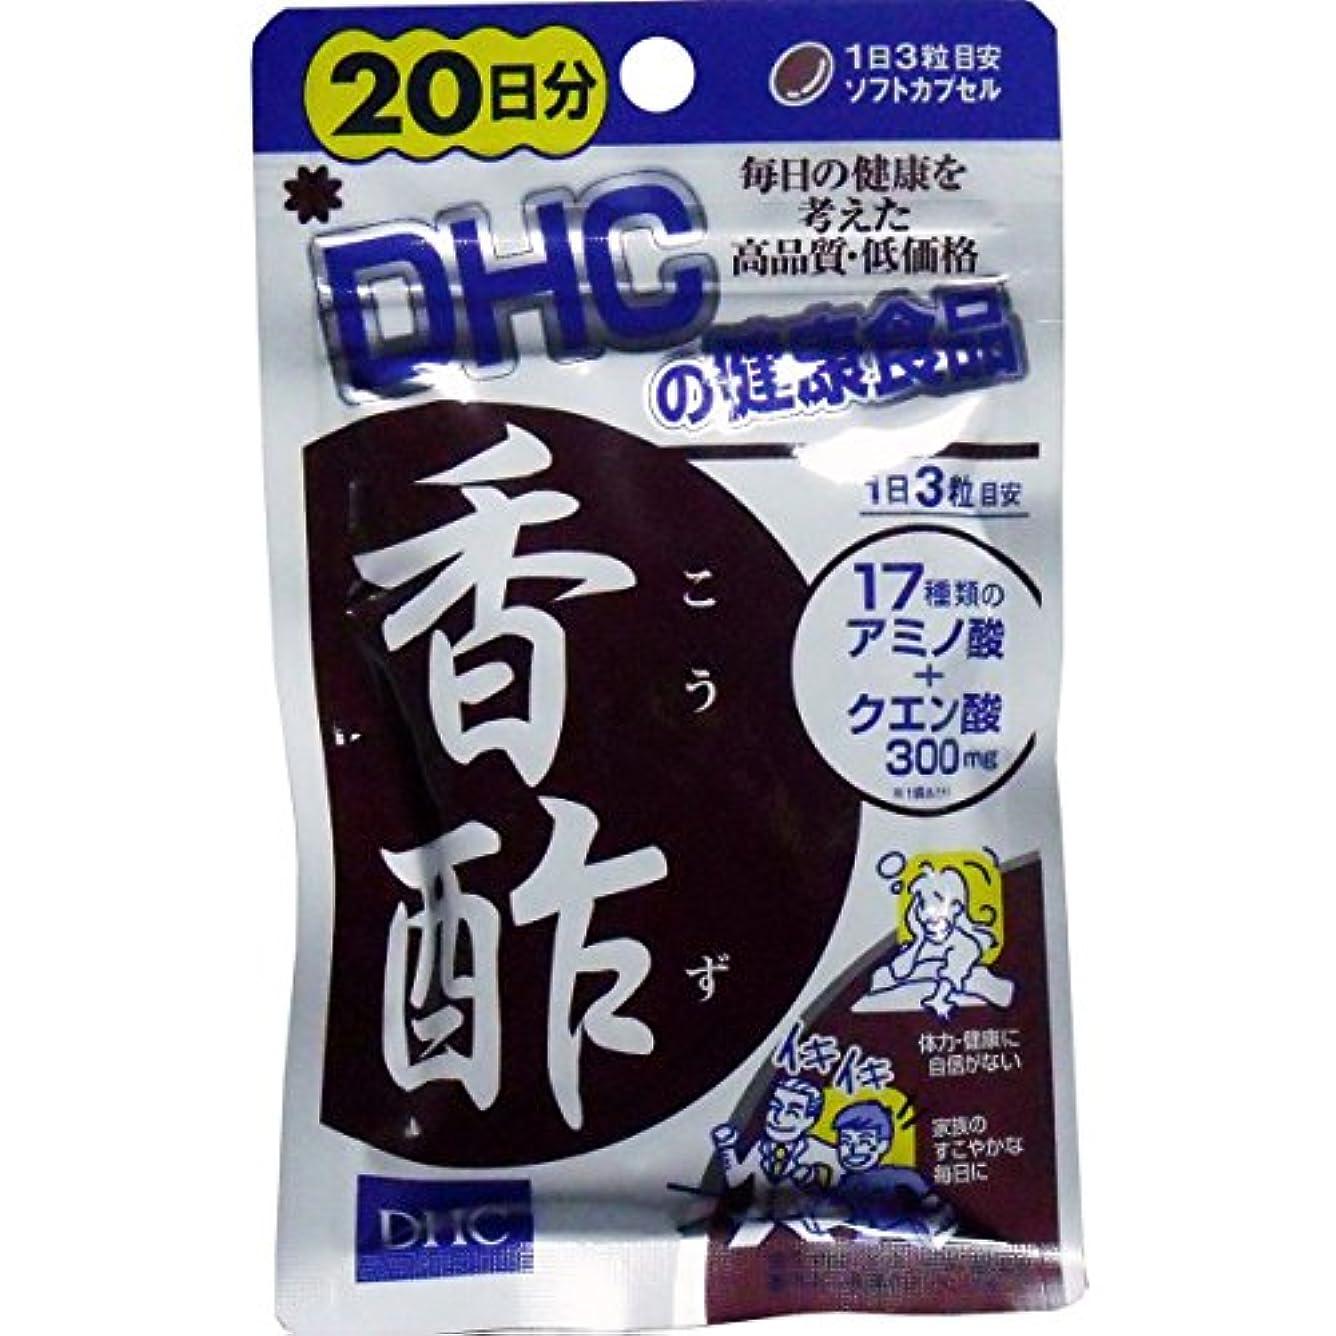 サプリ 健康食品 香酢 酢 パワー DHC アミノ酸たっぷりの禄豊香酢を手軽に!20日分 60粒入